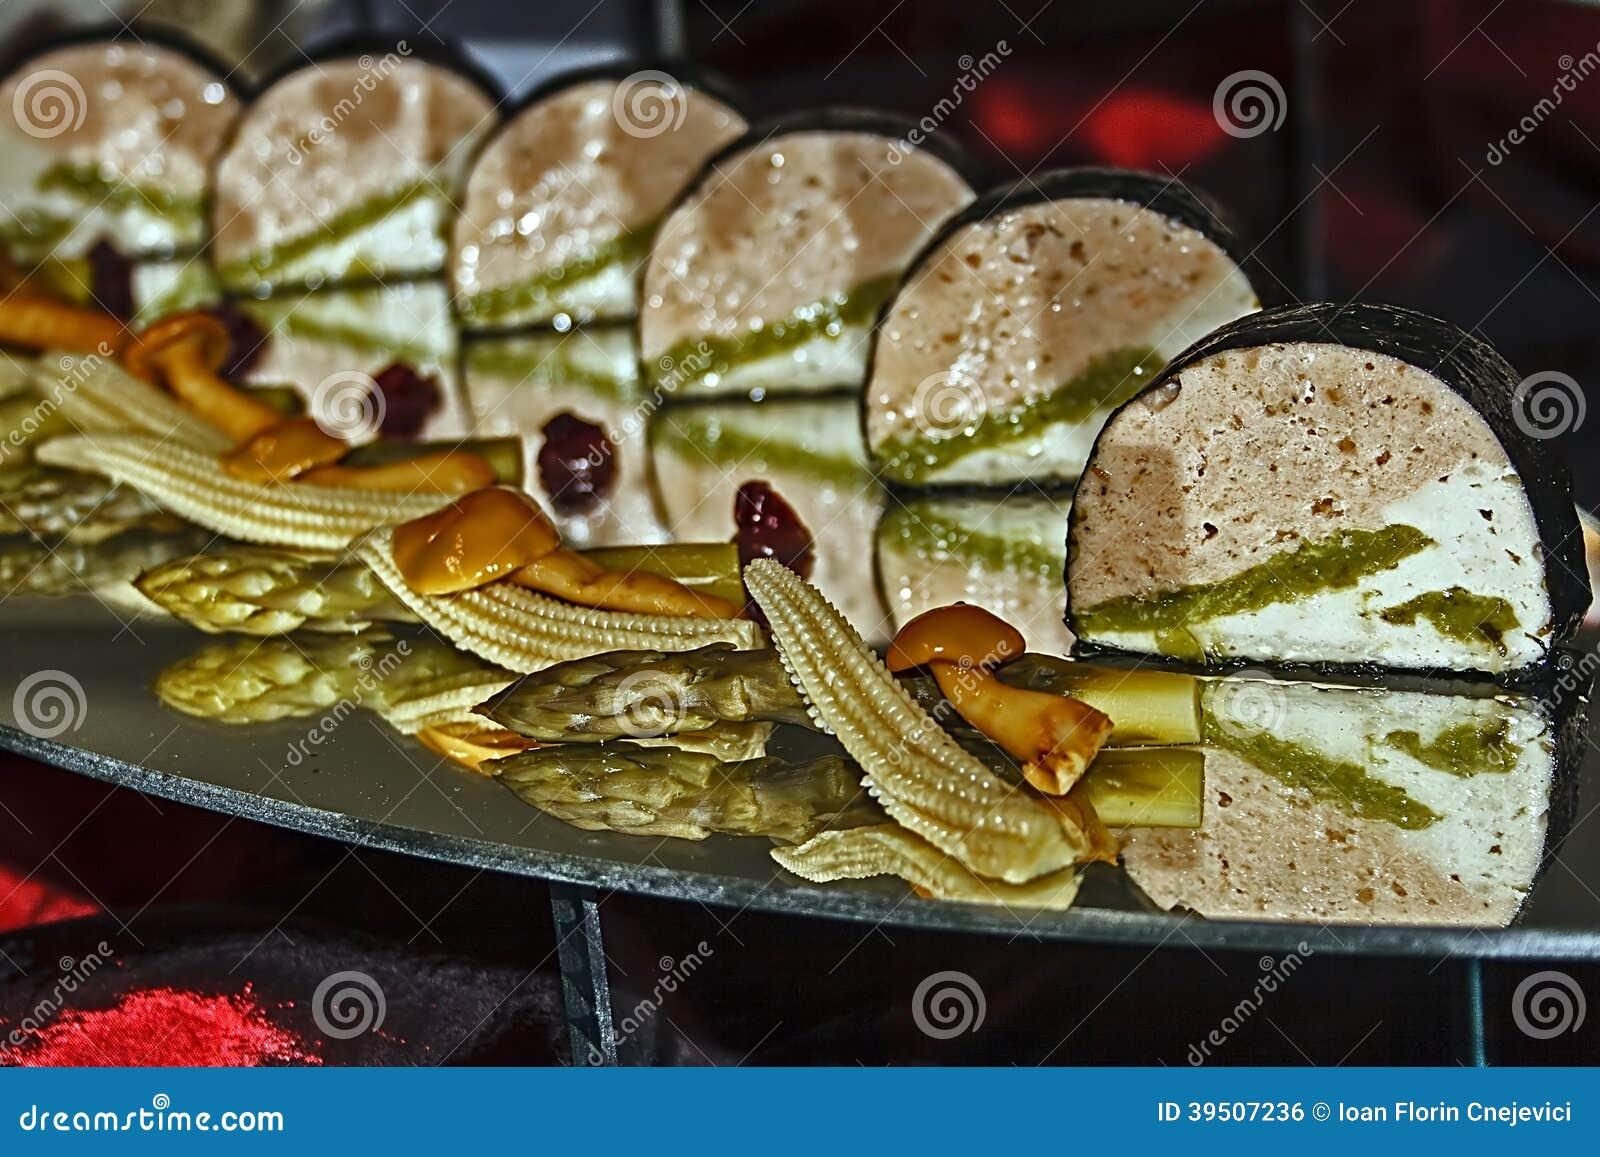 Arrangement of food 3